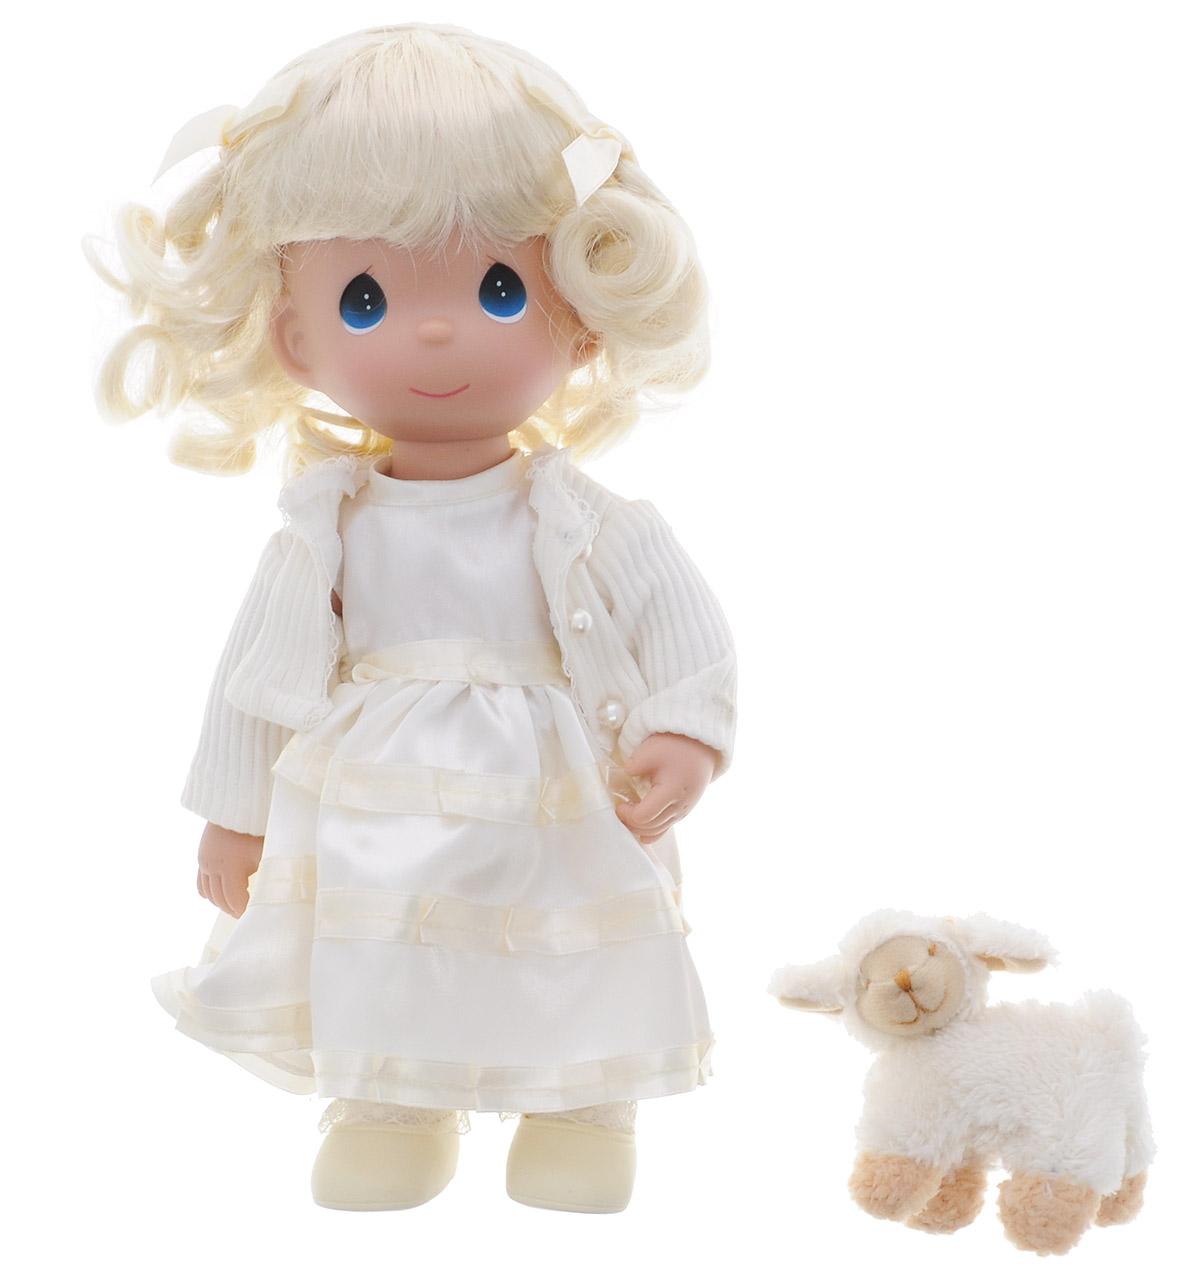 Precious Moments Кукла Сладкие сны блондинка